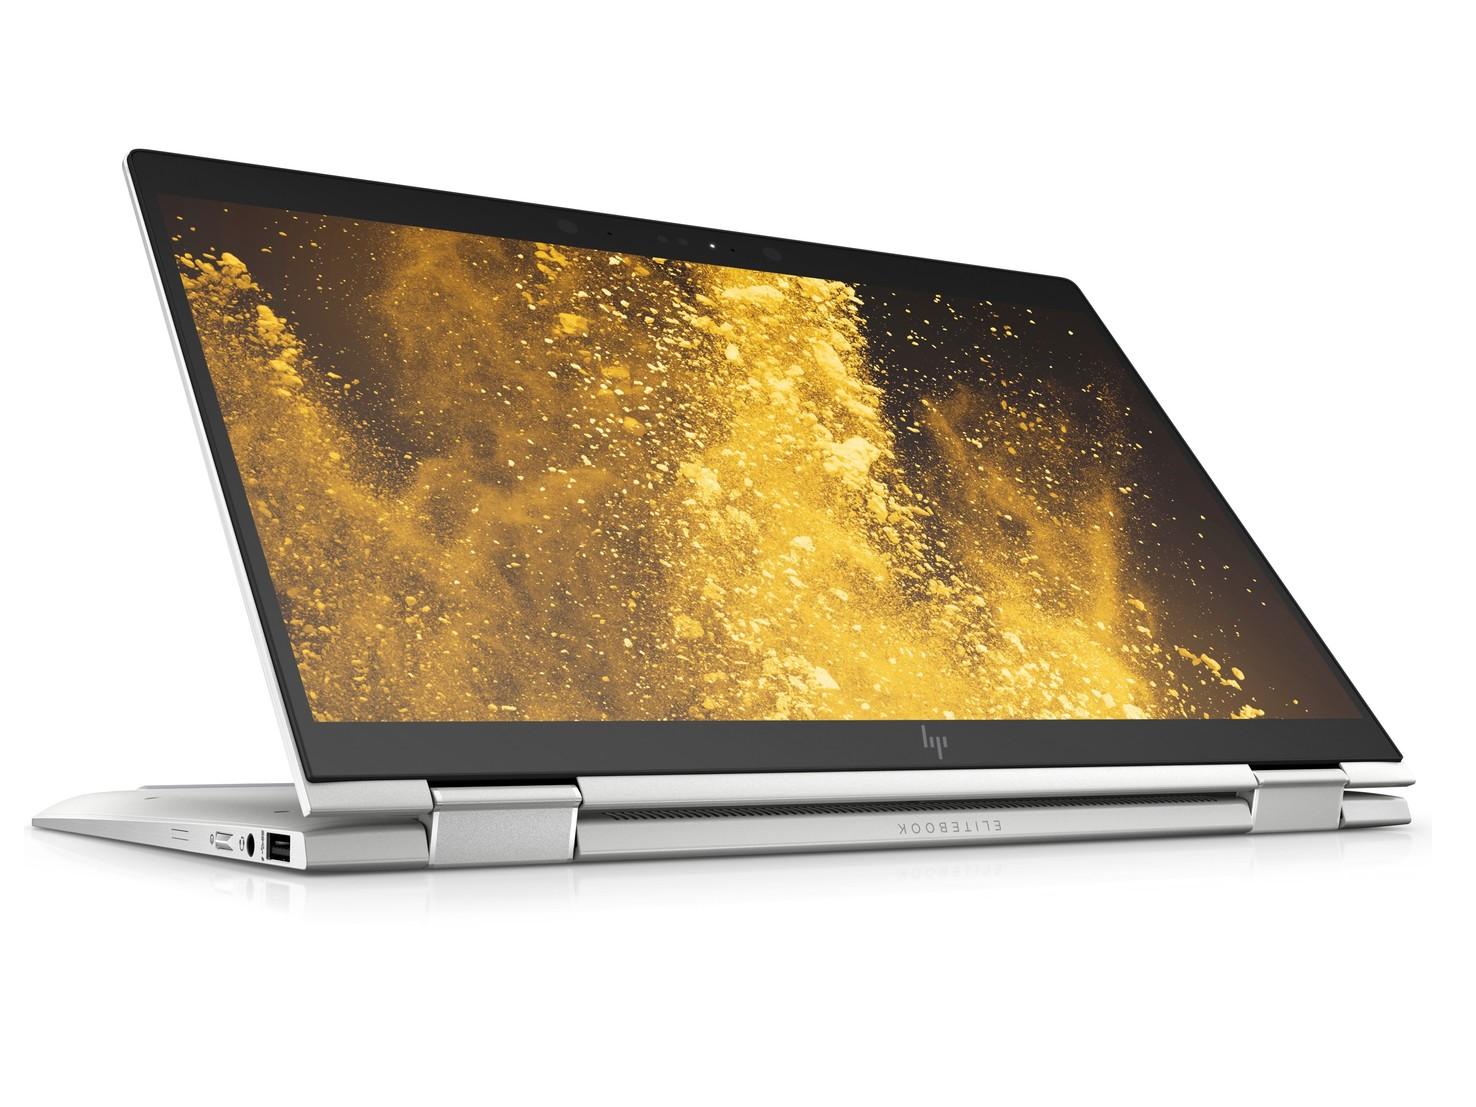 HP EliteBook x360 1030 G3 (i7-8650U, FHD) Convertible Review -  NotebookCheck.net Reviews